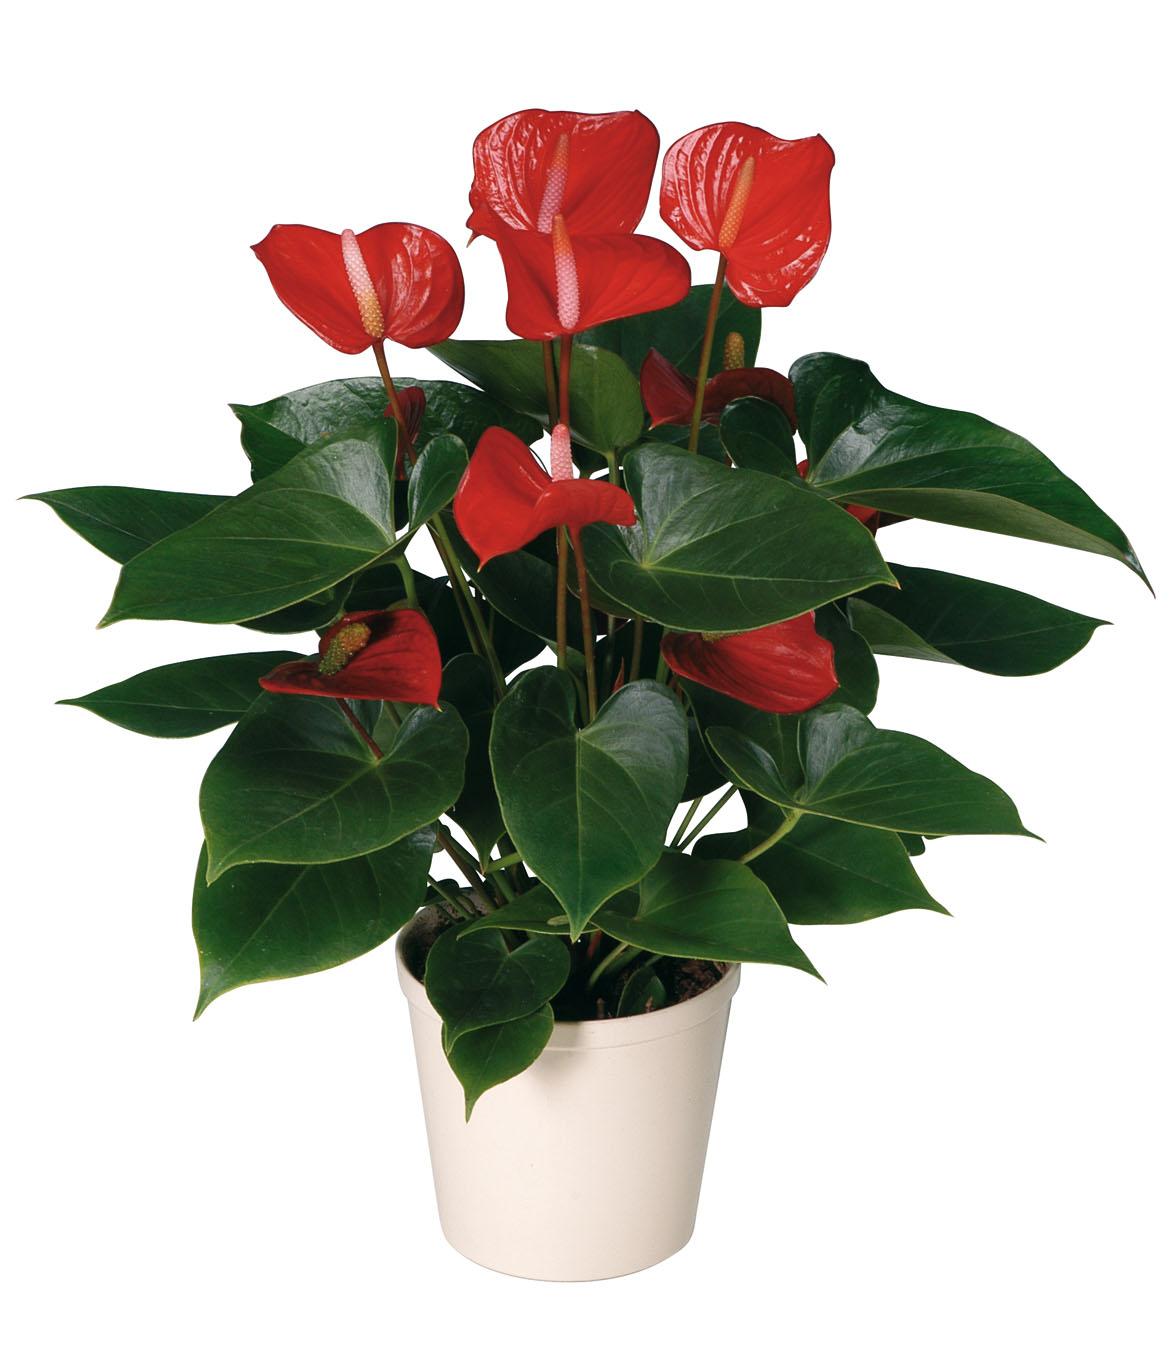 Комнатные цветы оптом купить в москве с картинками кде можно купить тюльпаны оптом.алтуфьево